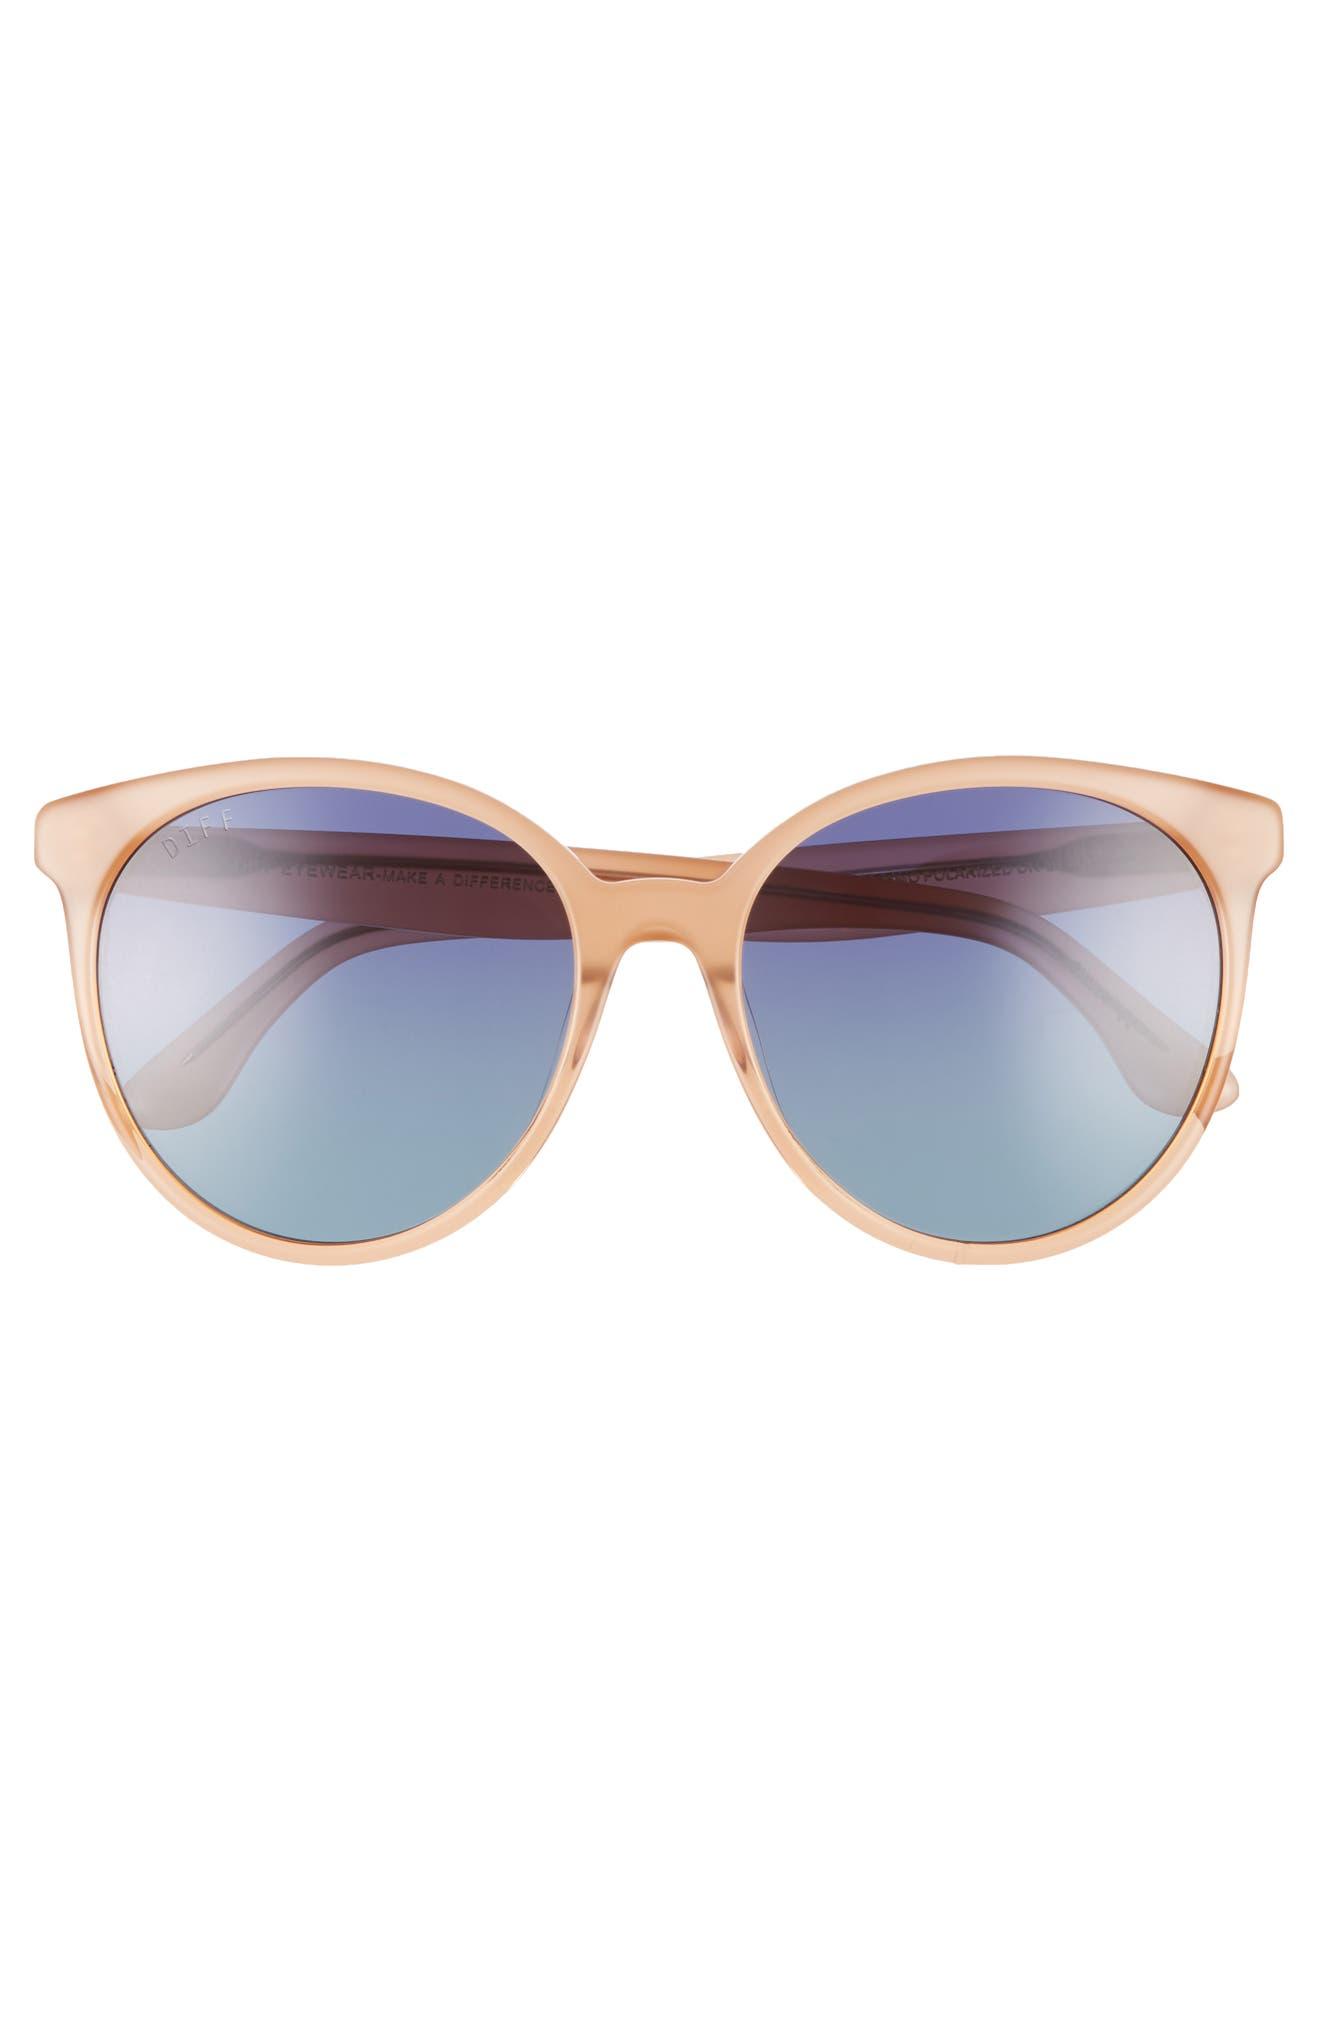 3c5c770e77 DIFF Cosmo 56mm Polarized Round Sunglasses